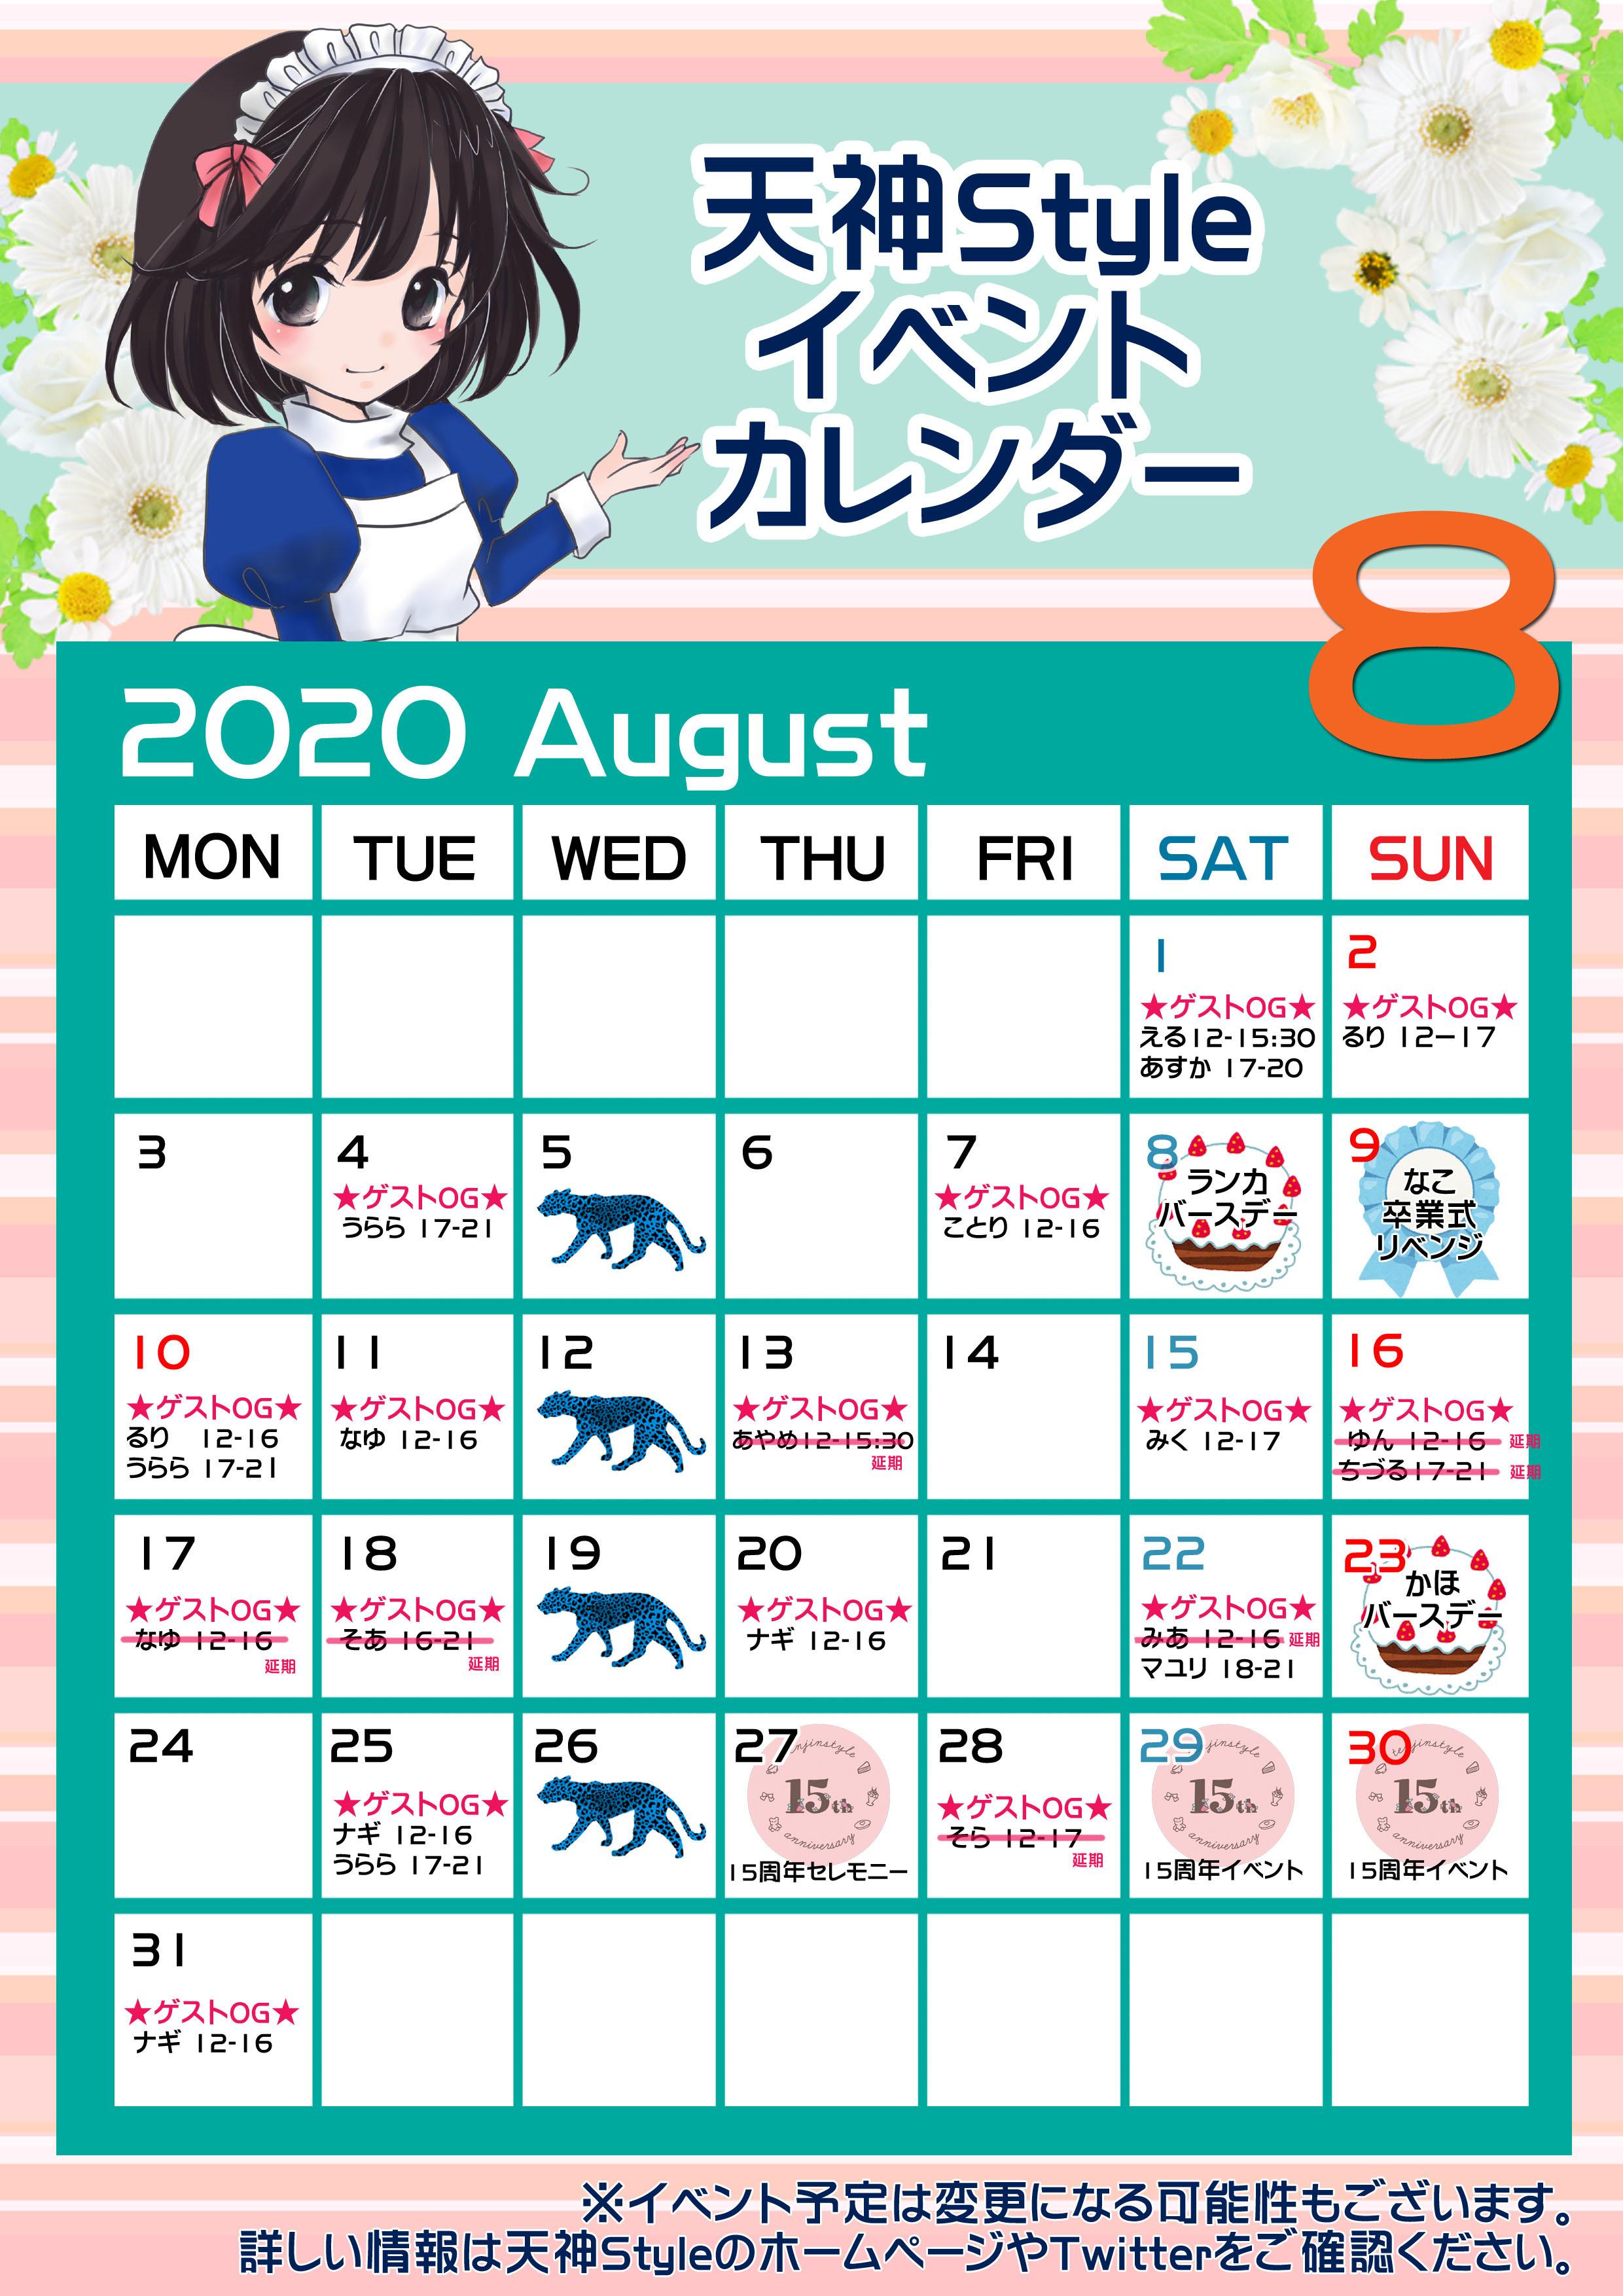 202008カレンダー7 のコピー